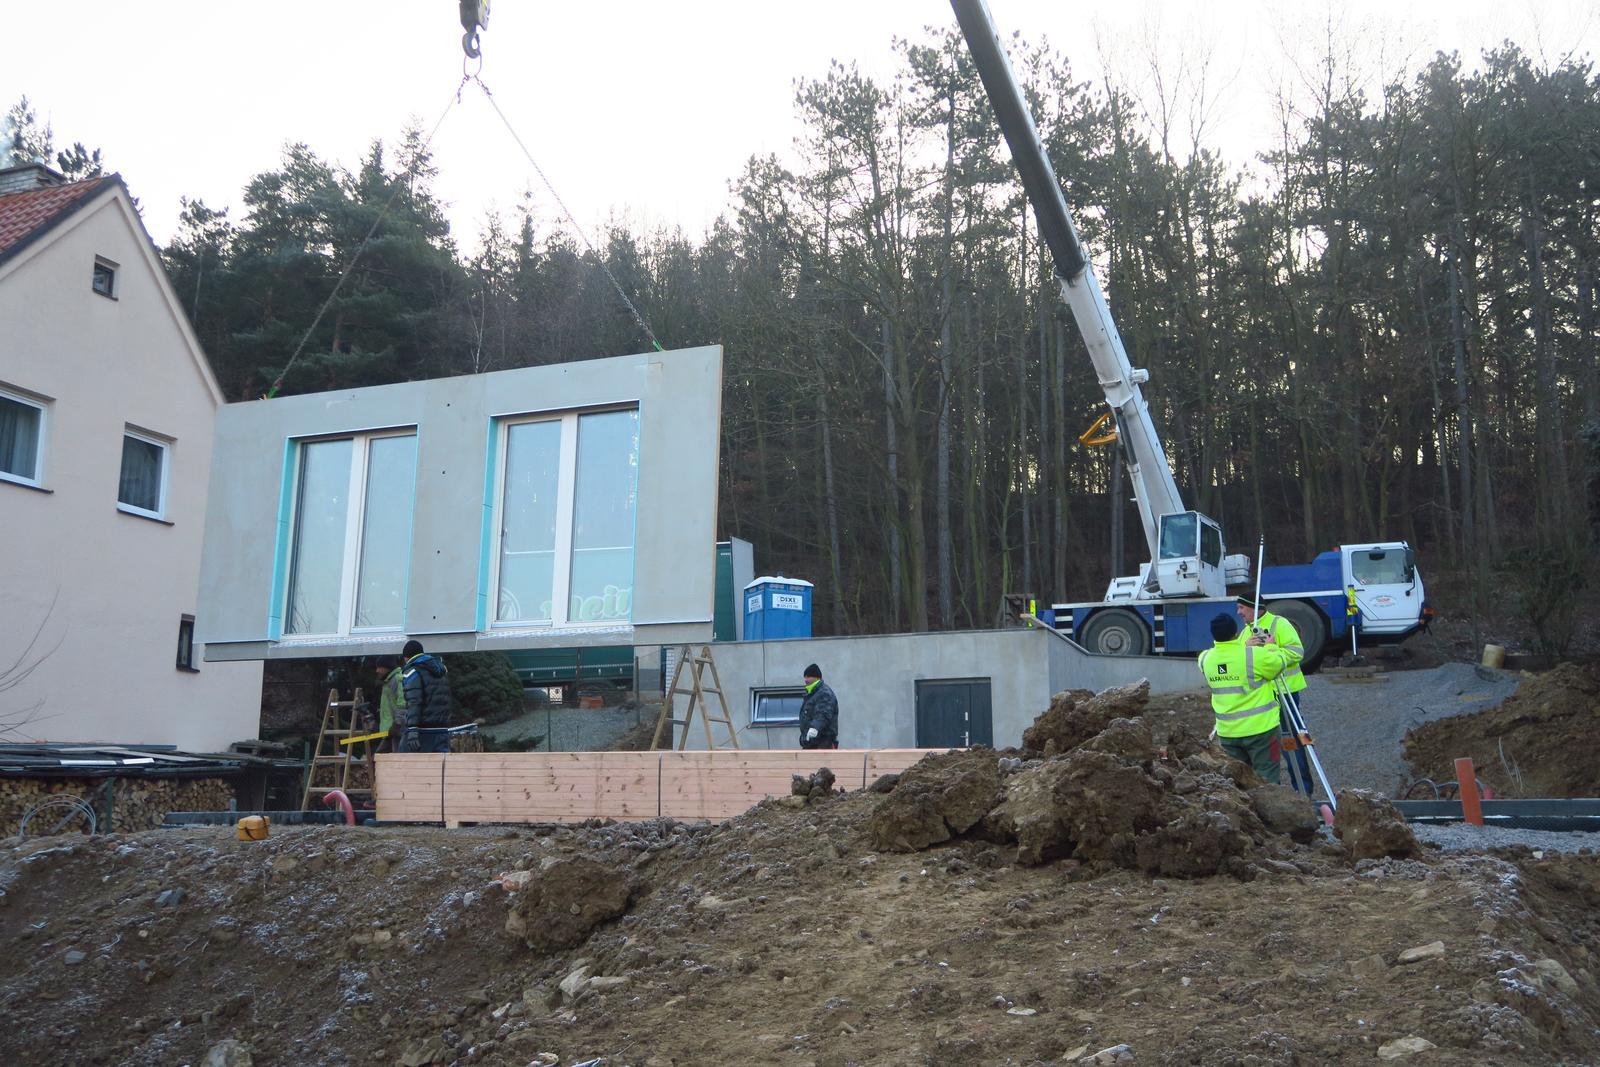 Stavba našeho bungalovu ve svahu - Obrázek č. 38